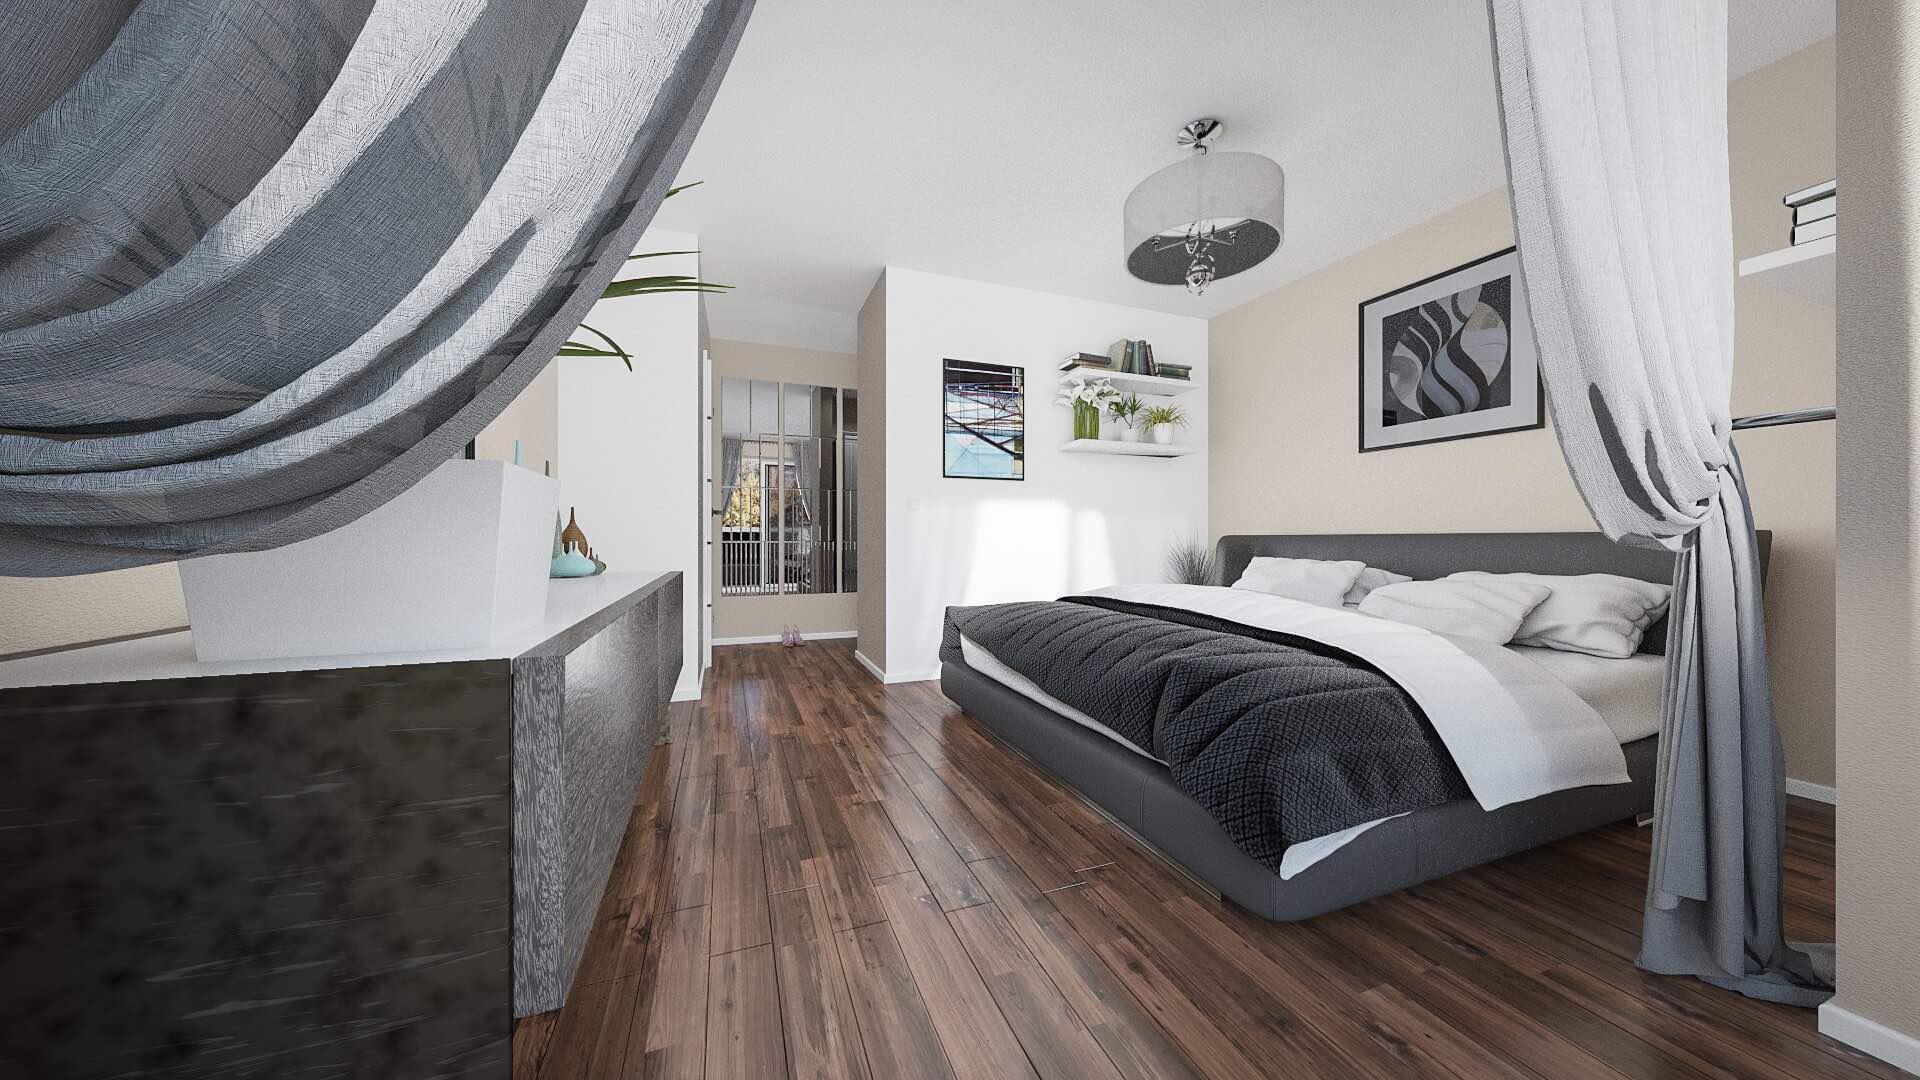 Grimmgasse 6, 1150 Wien Exklusiv-Projekt Altbauwohnungen mit Balkon Penthouse Terrassen Wien